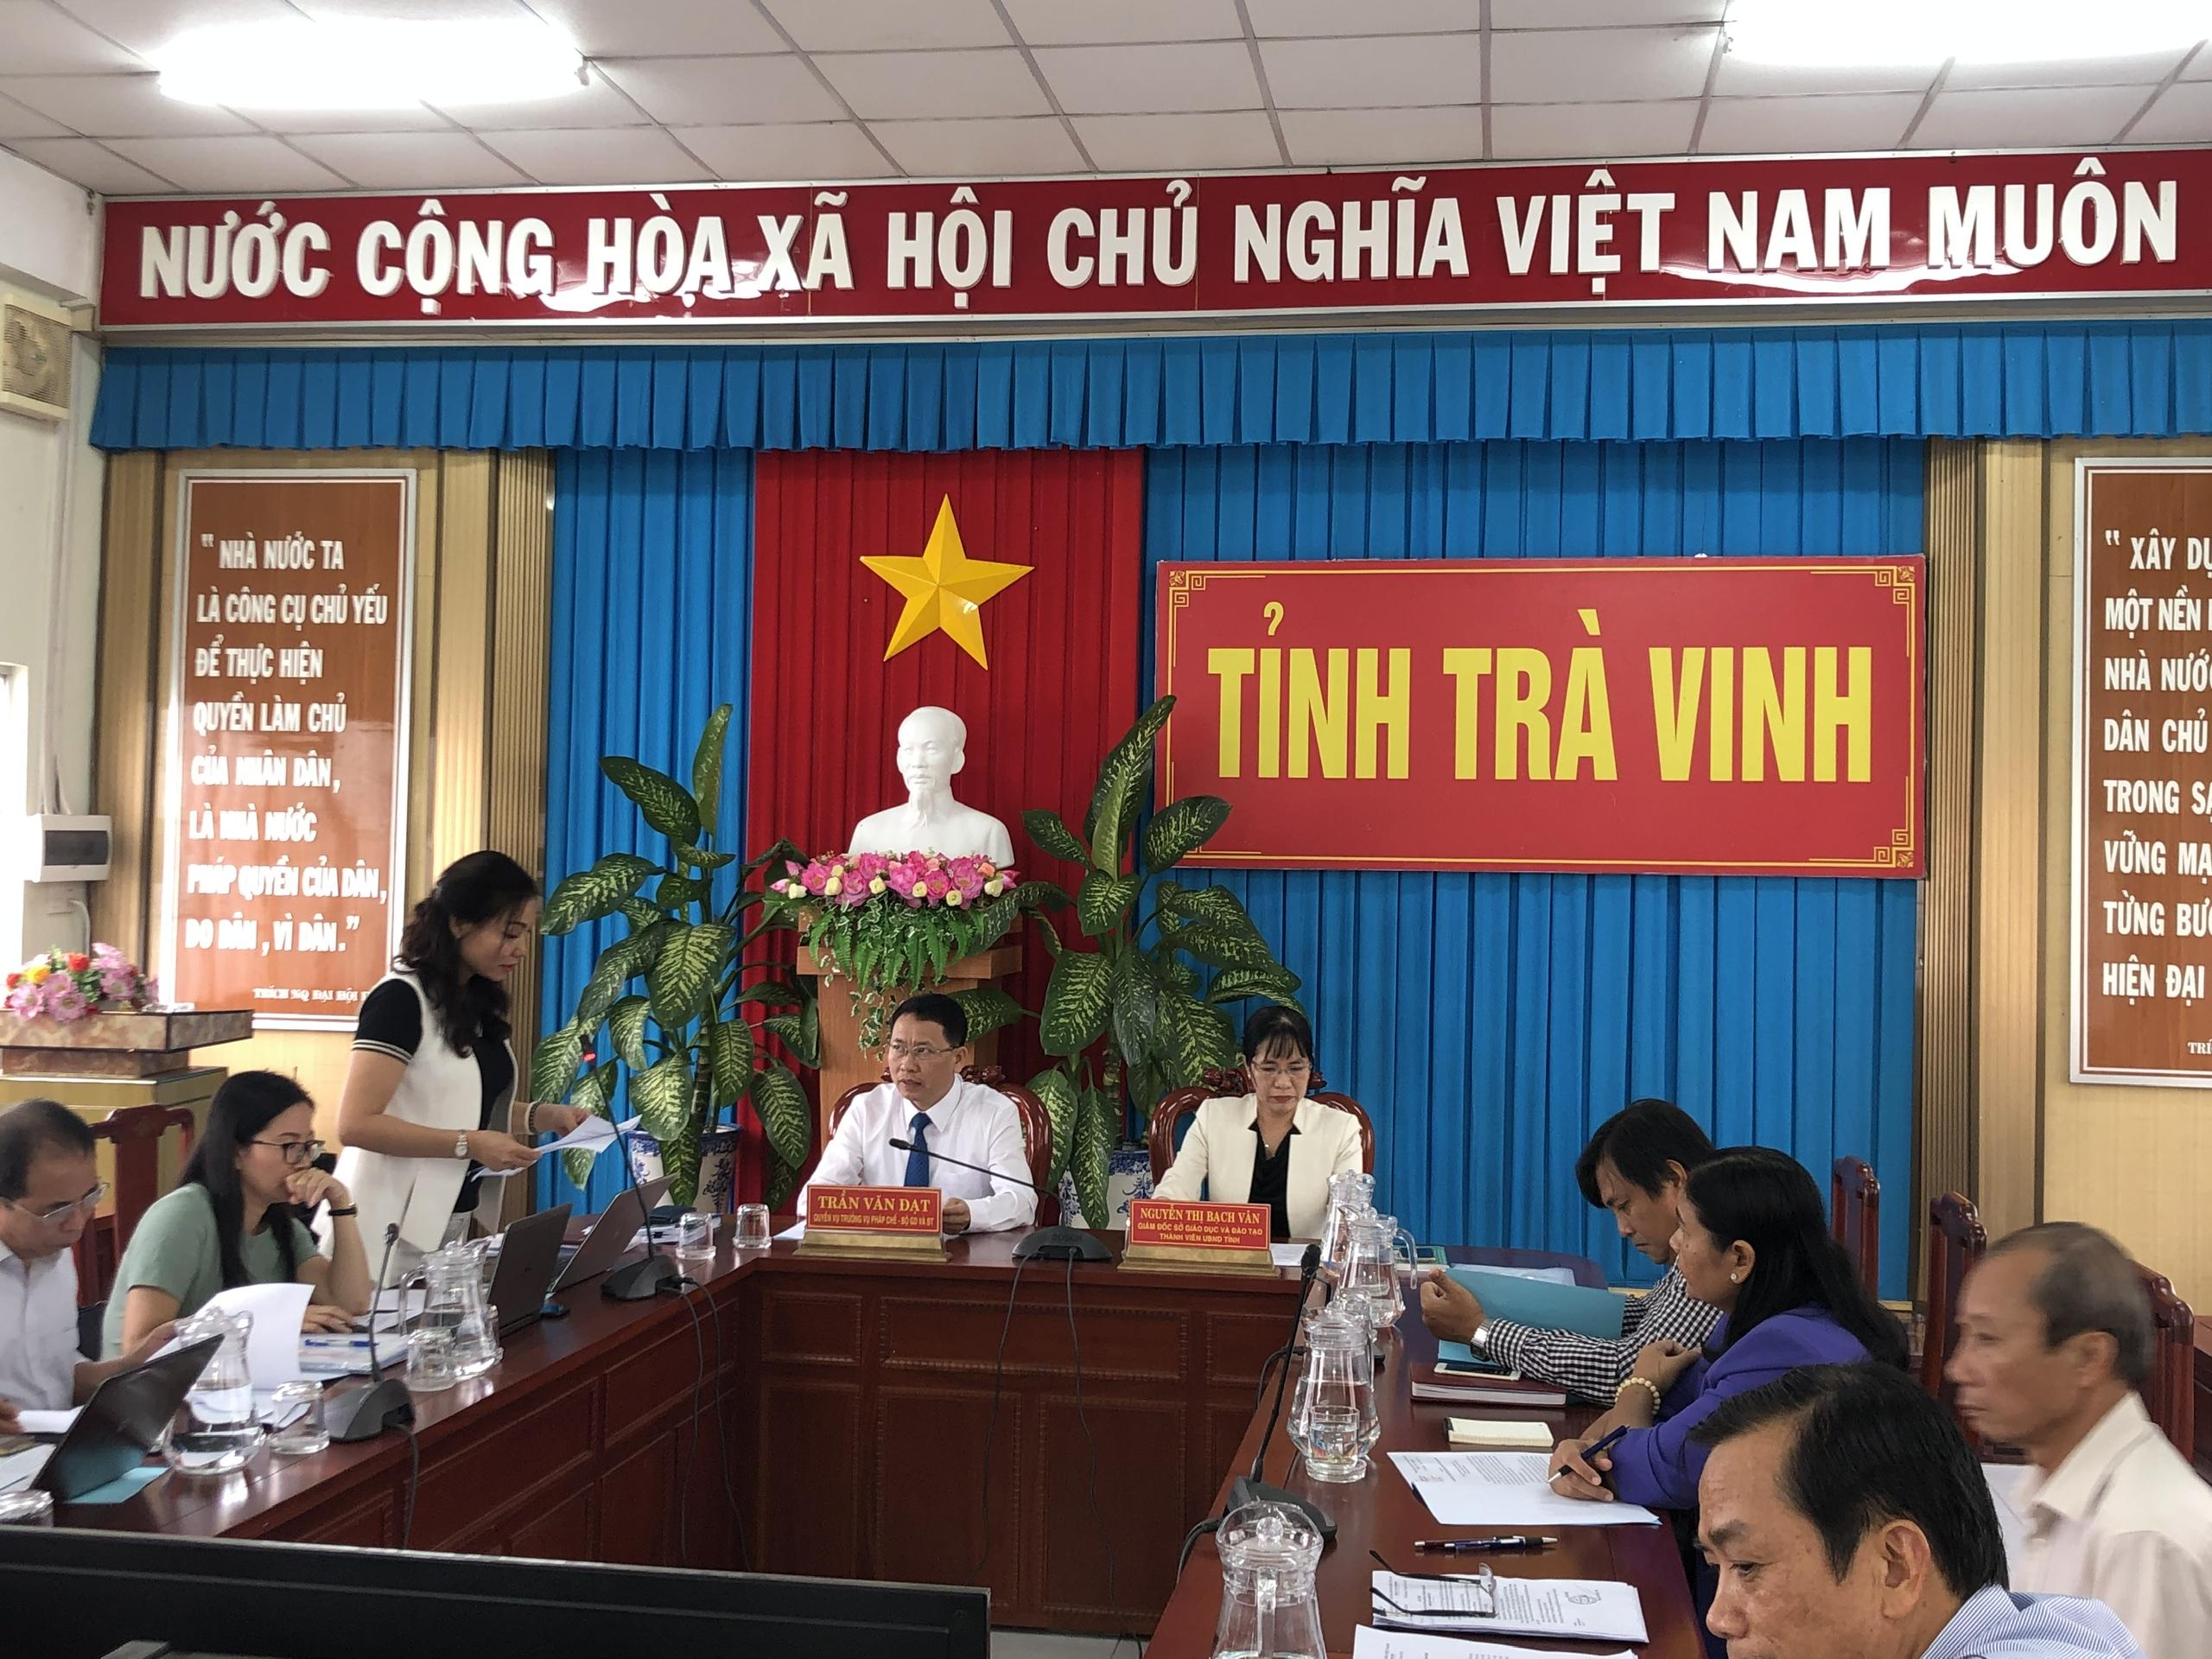 Bộ Giáo dục và Đào tạo kiểm tra công tác pháp chế Sở Giáo dục và Đào tạo tỉnh Trà Vinh